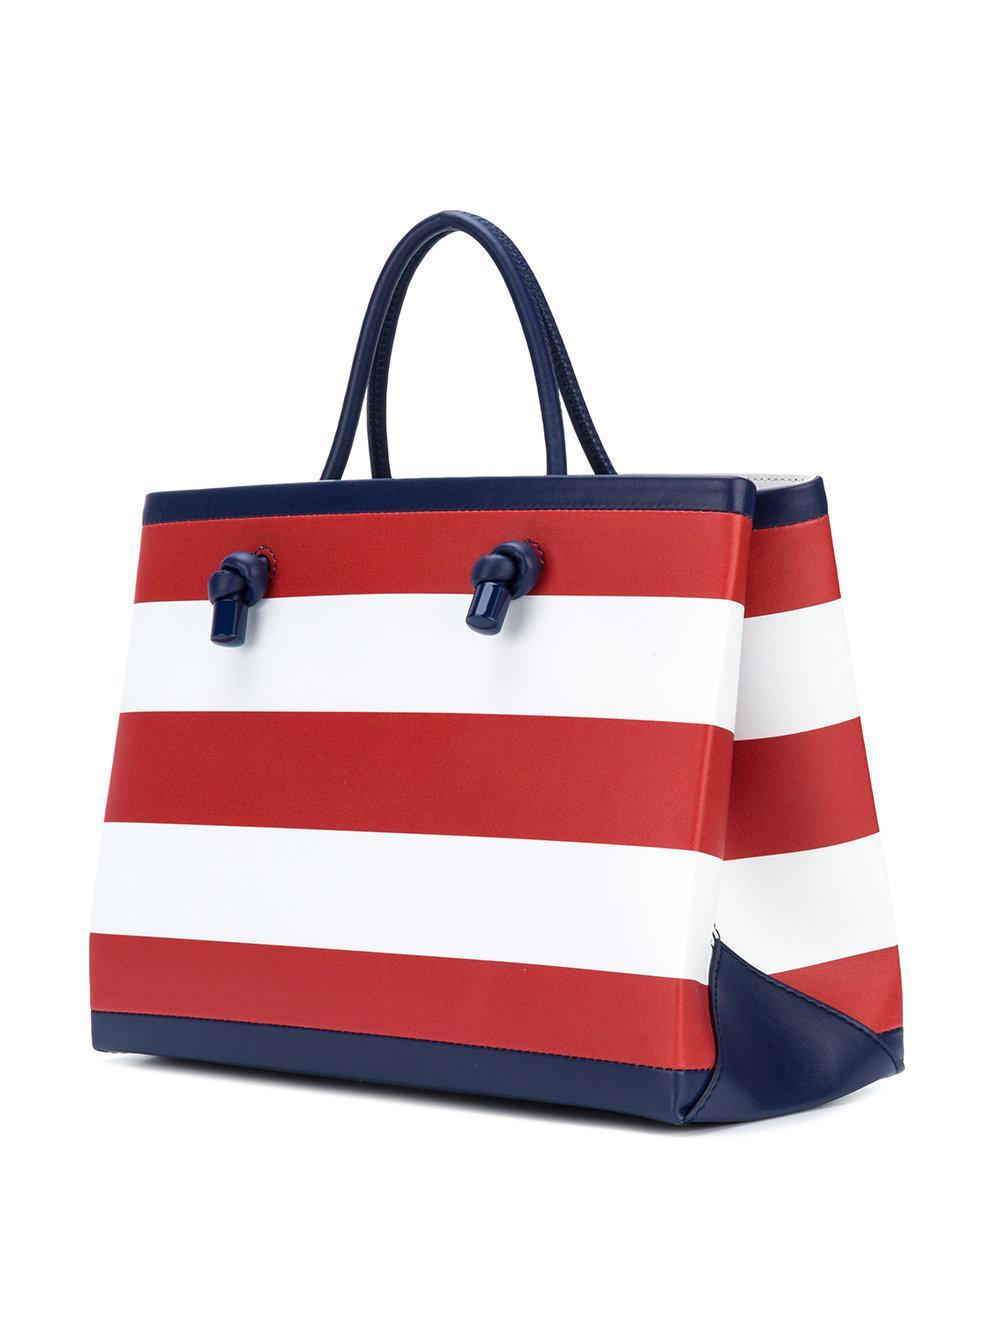 Alberta Ferretti Leather Today Tote Bag in Blue